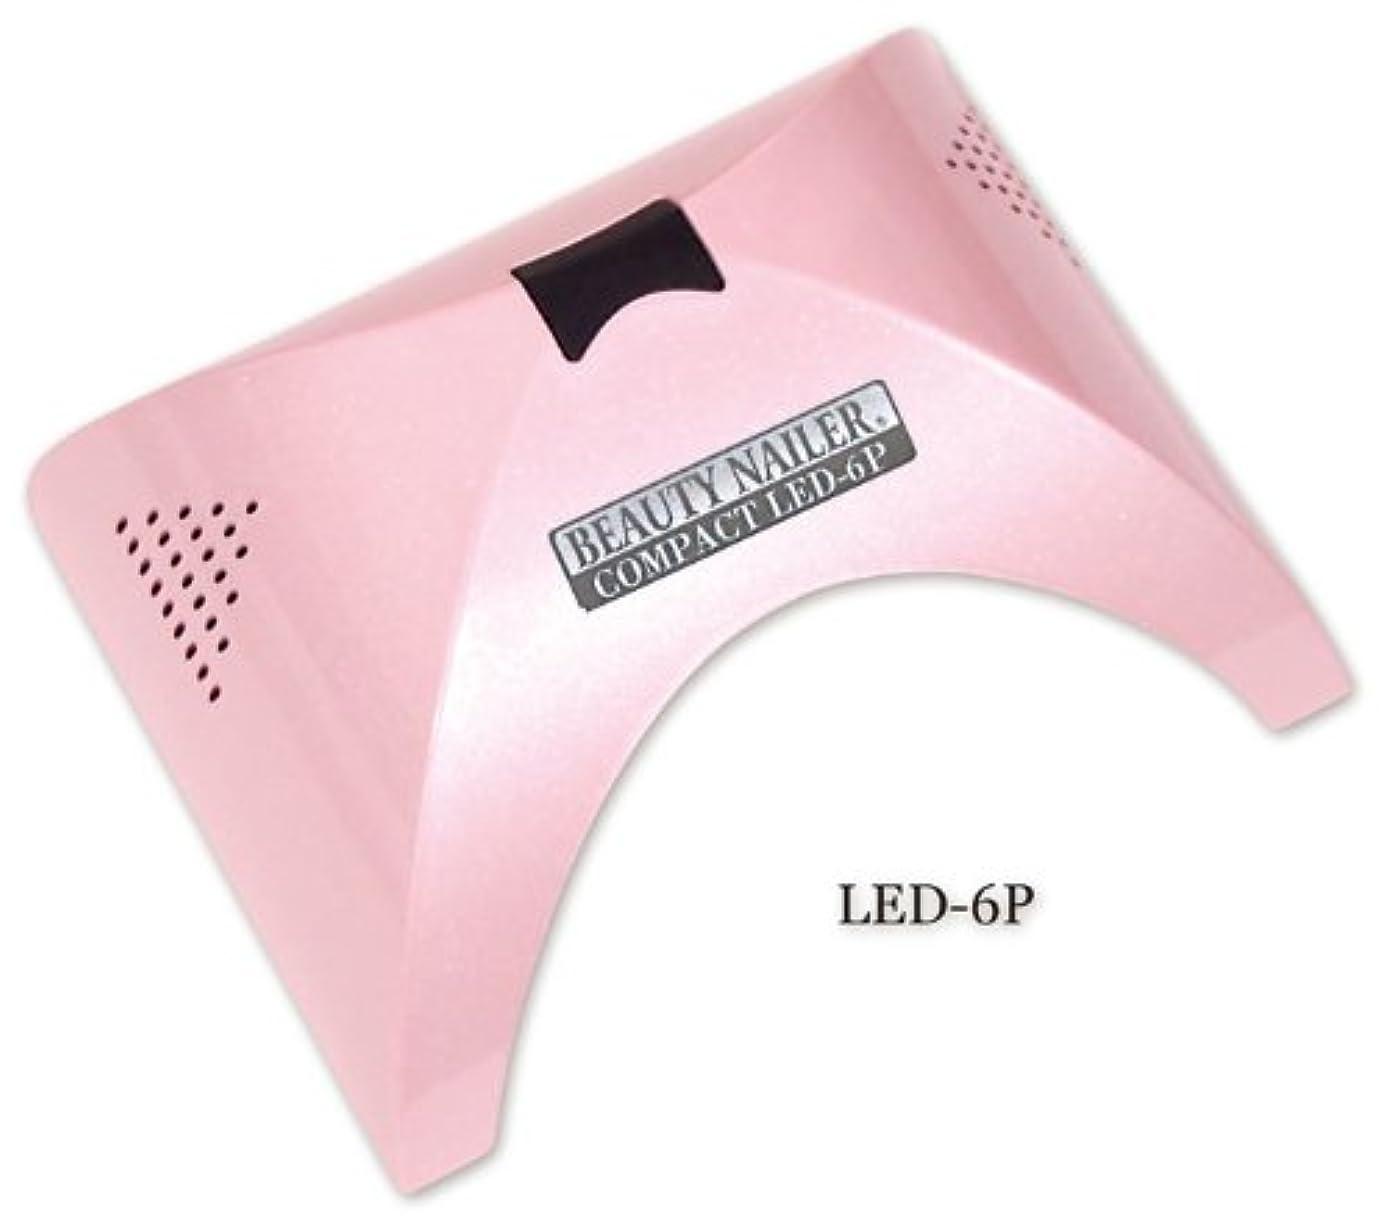 削る無礼に類推ビューティーネイラー コンパクトLEDライト ピンク